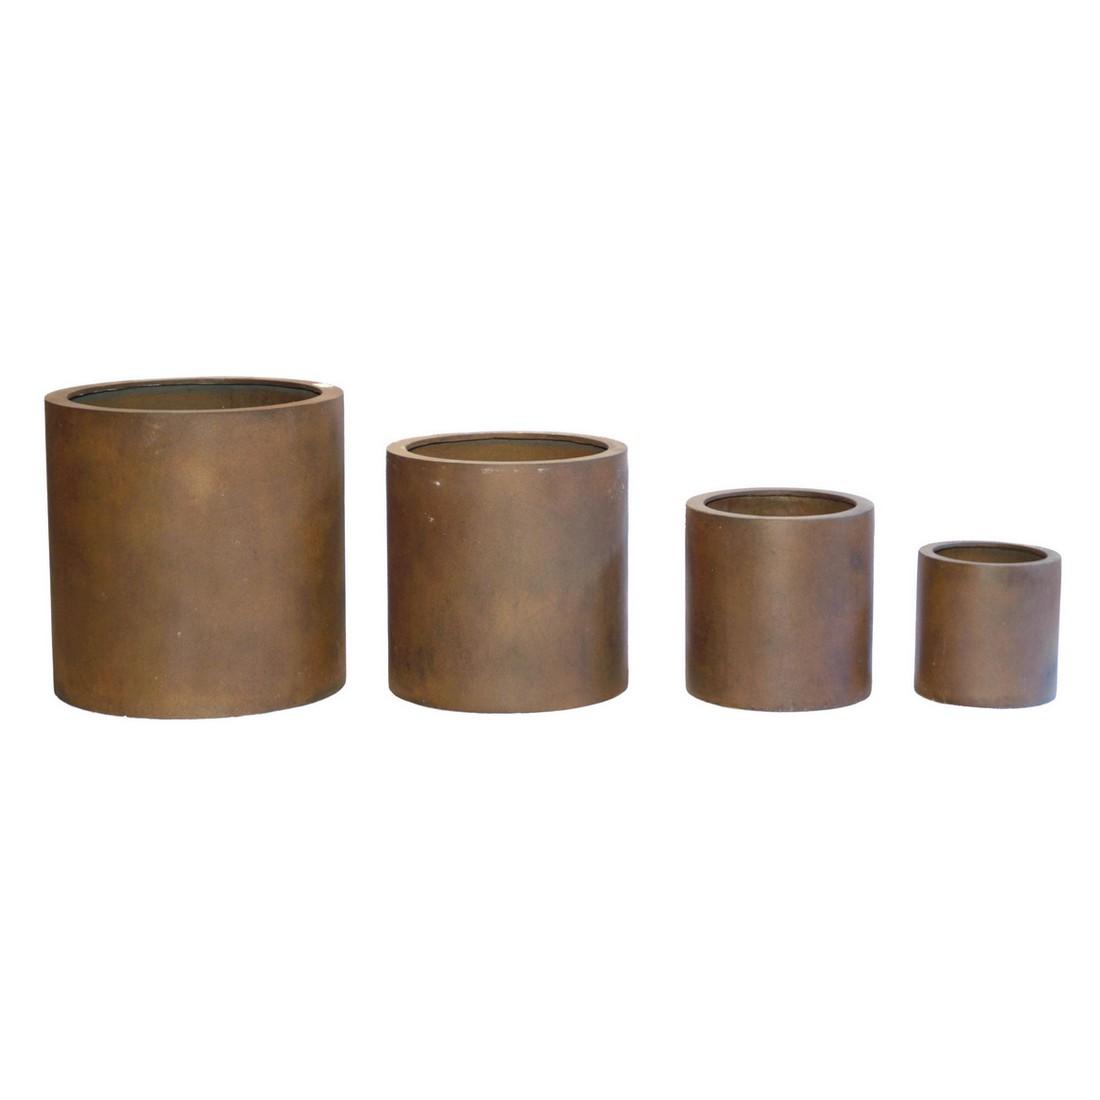 Pflanzkübel Rusty Iron – Kunststoff – Rund City – Höhe: 35 cm Ø: 35 cm (einzeln), Viducci's Garden günstig bestellen